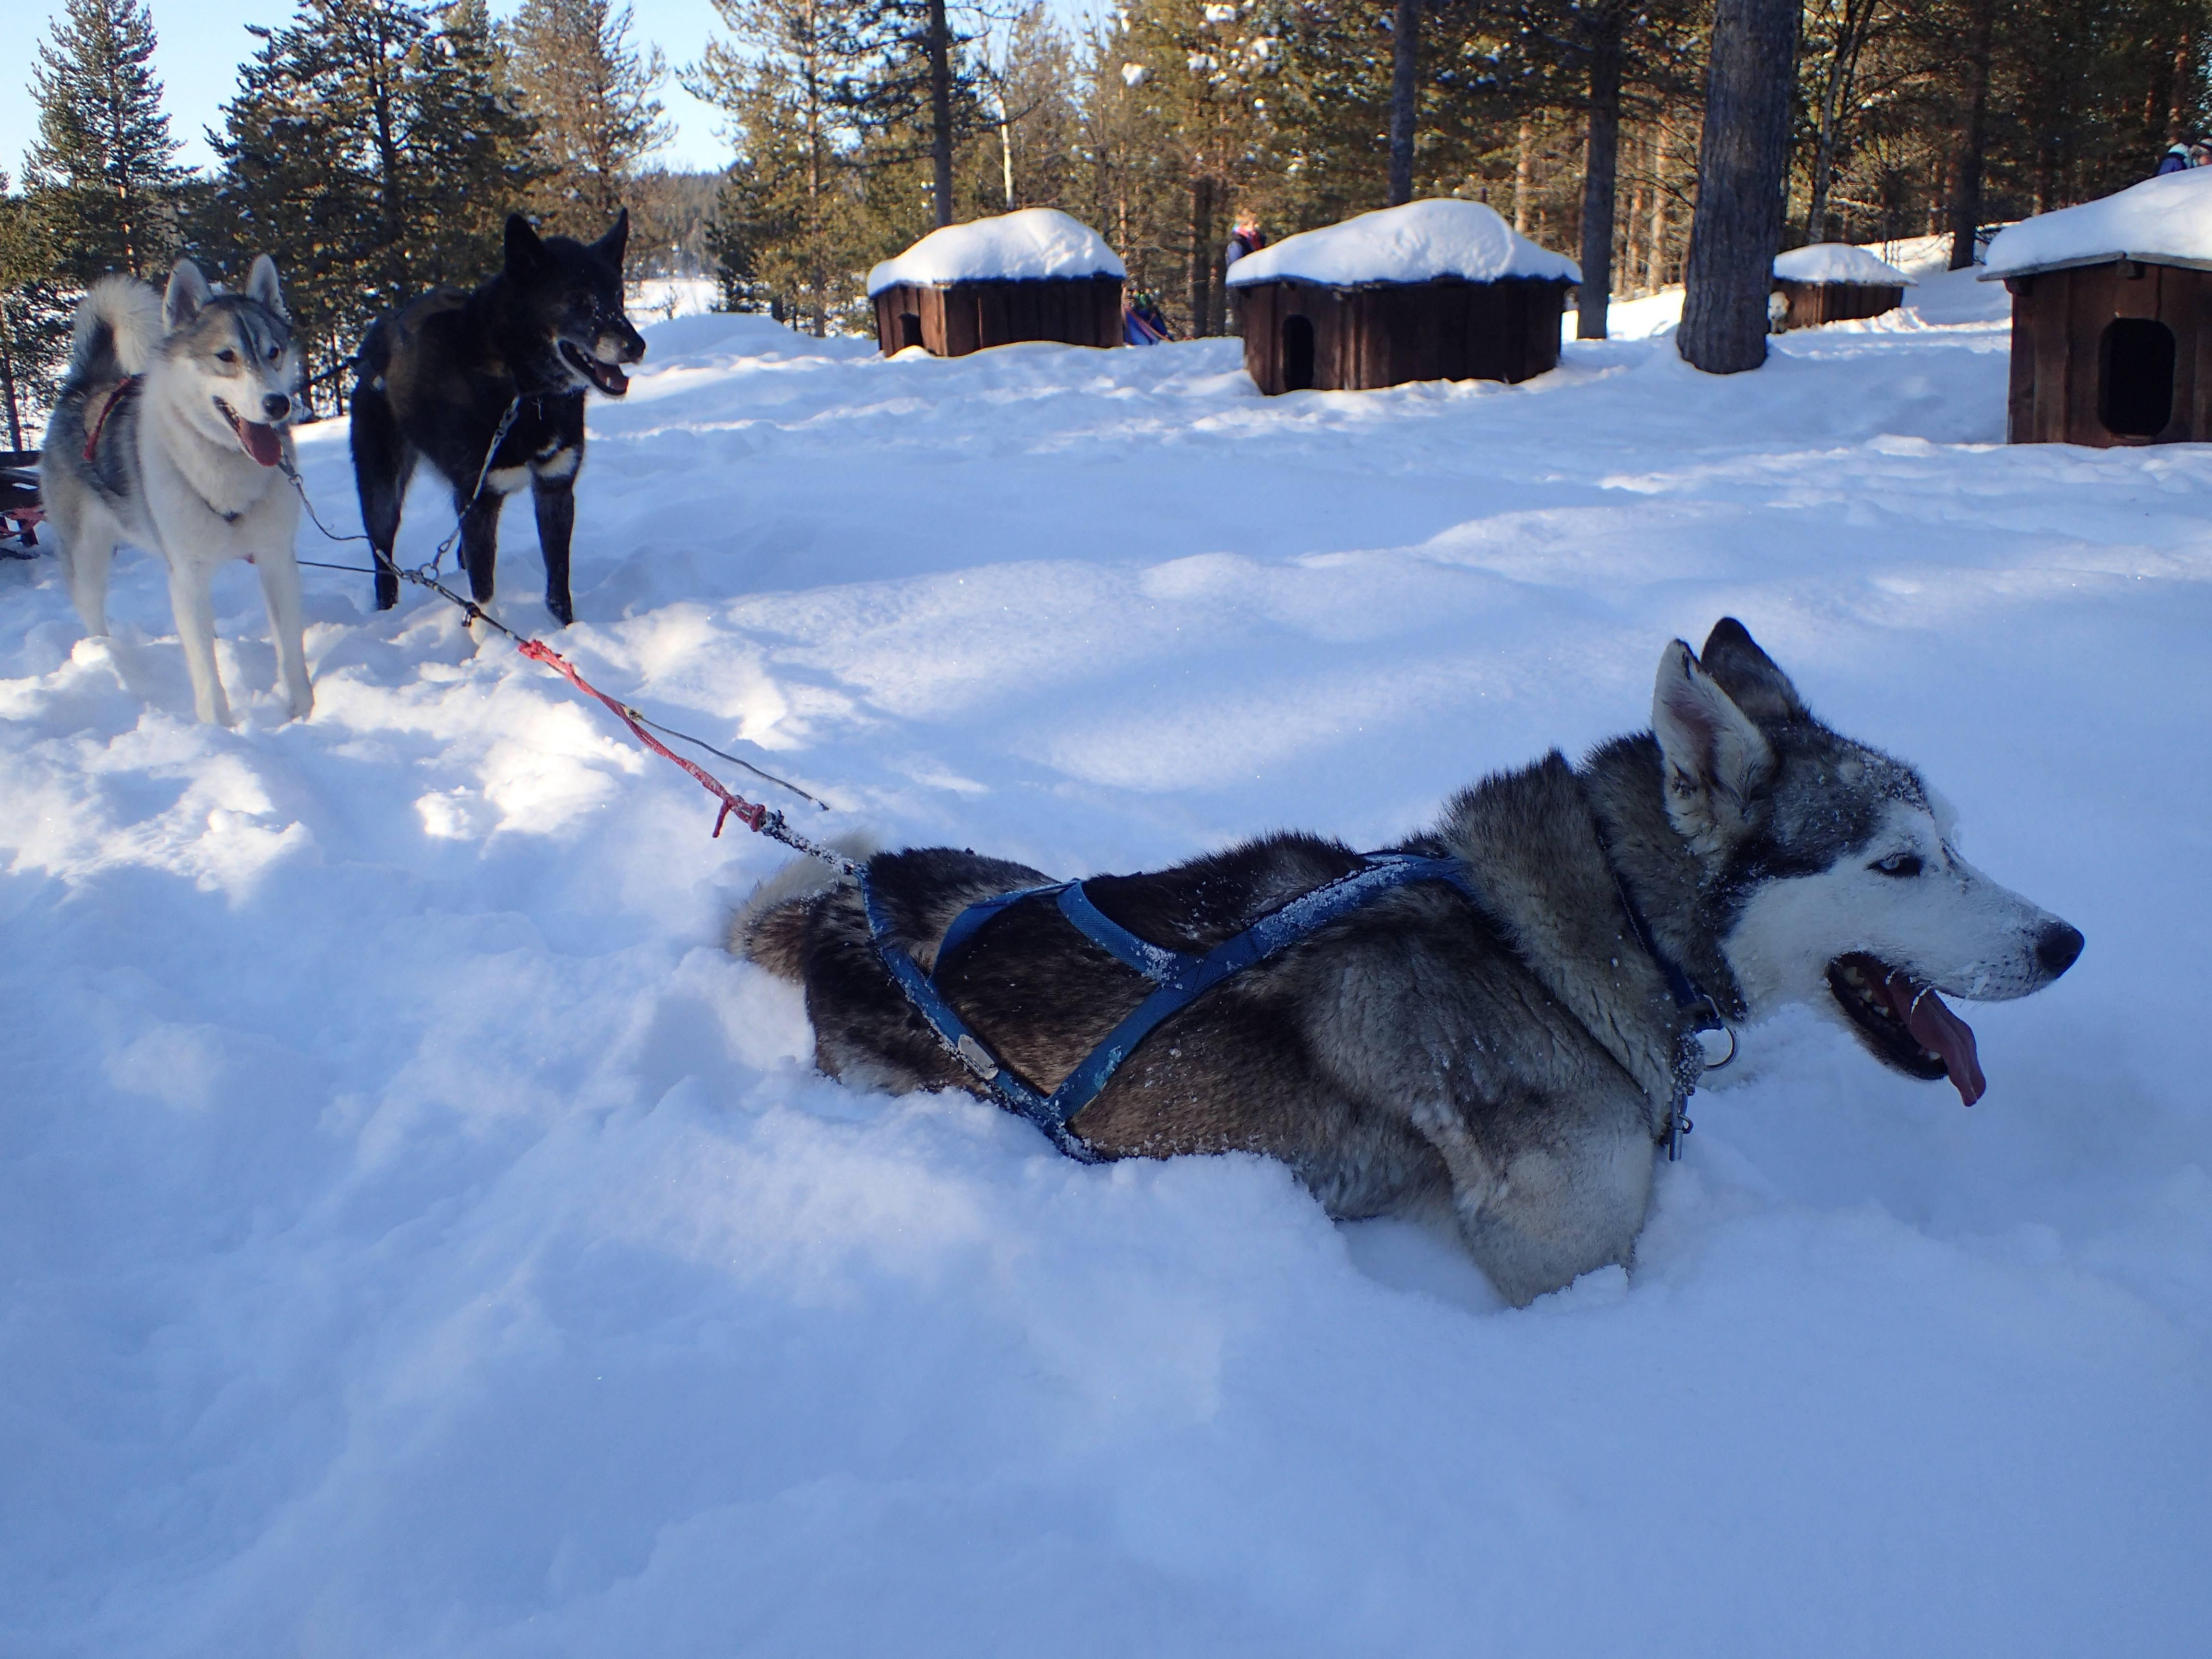 Photo 3: Une sortie en chiens de traineau, une expérience inoubliable !!!